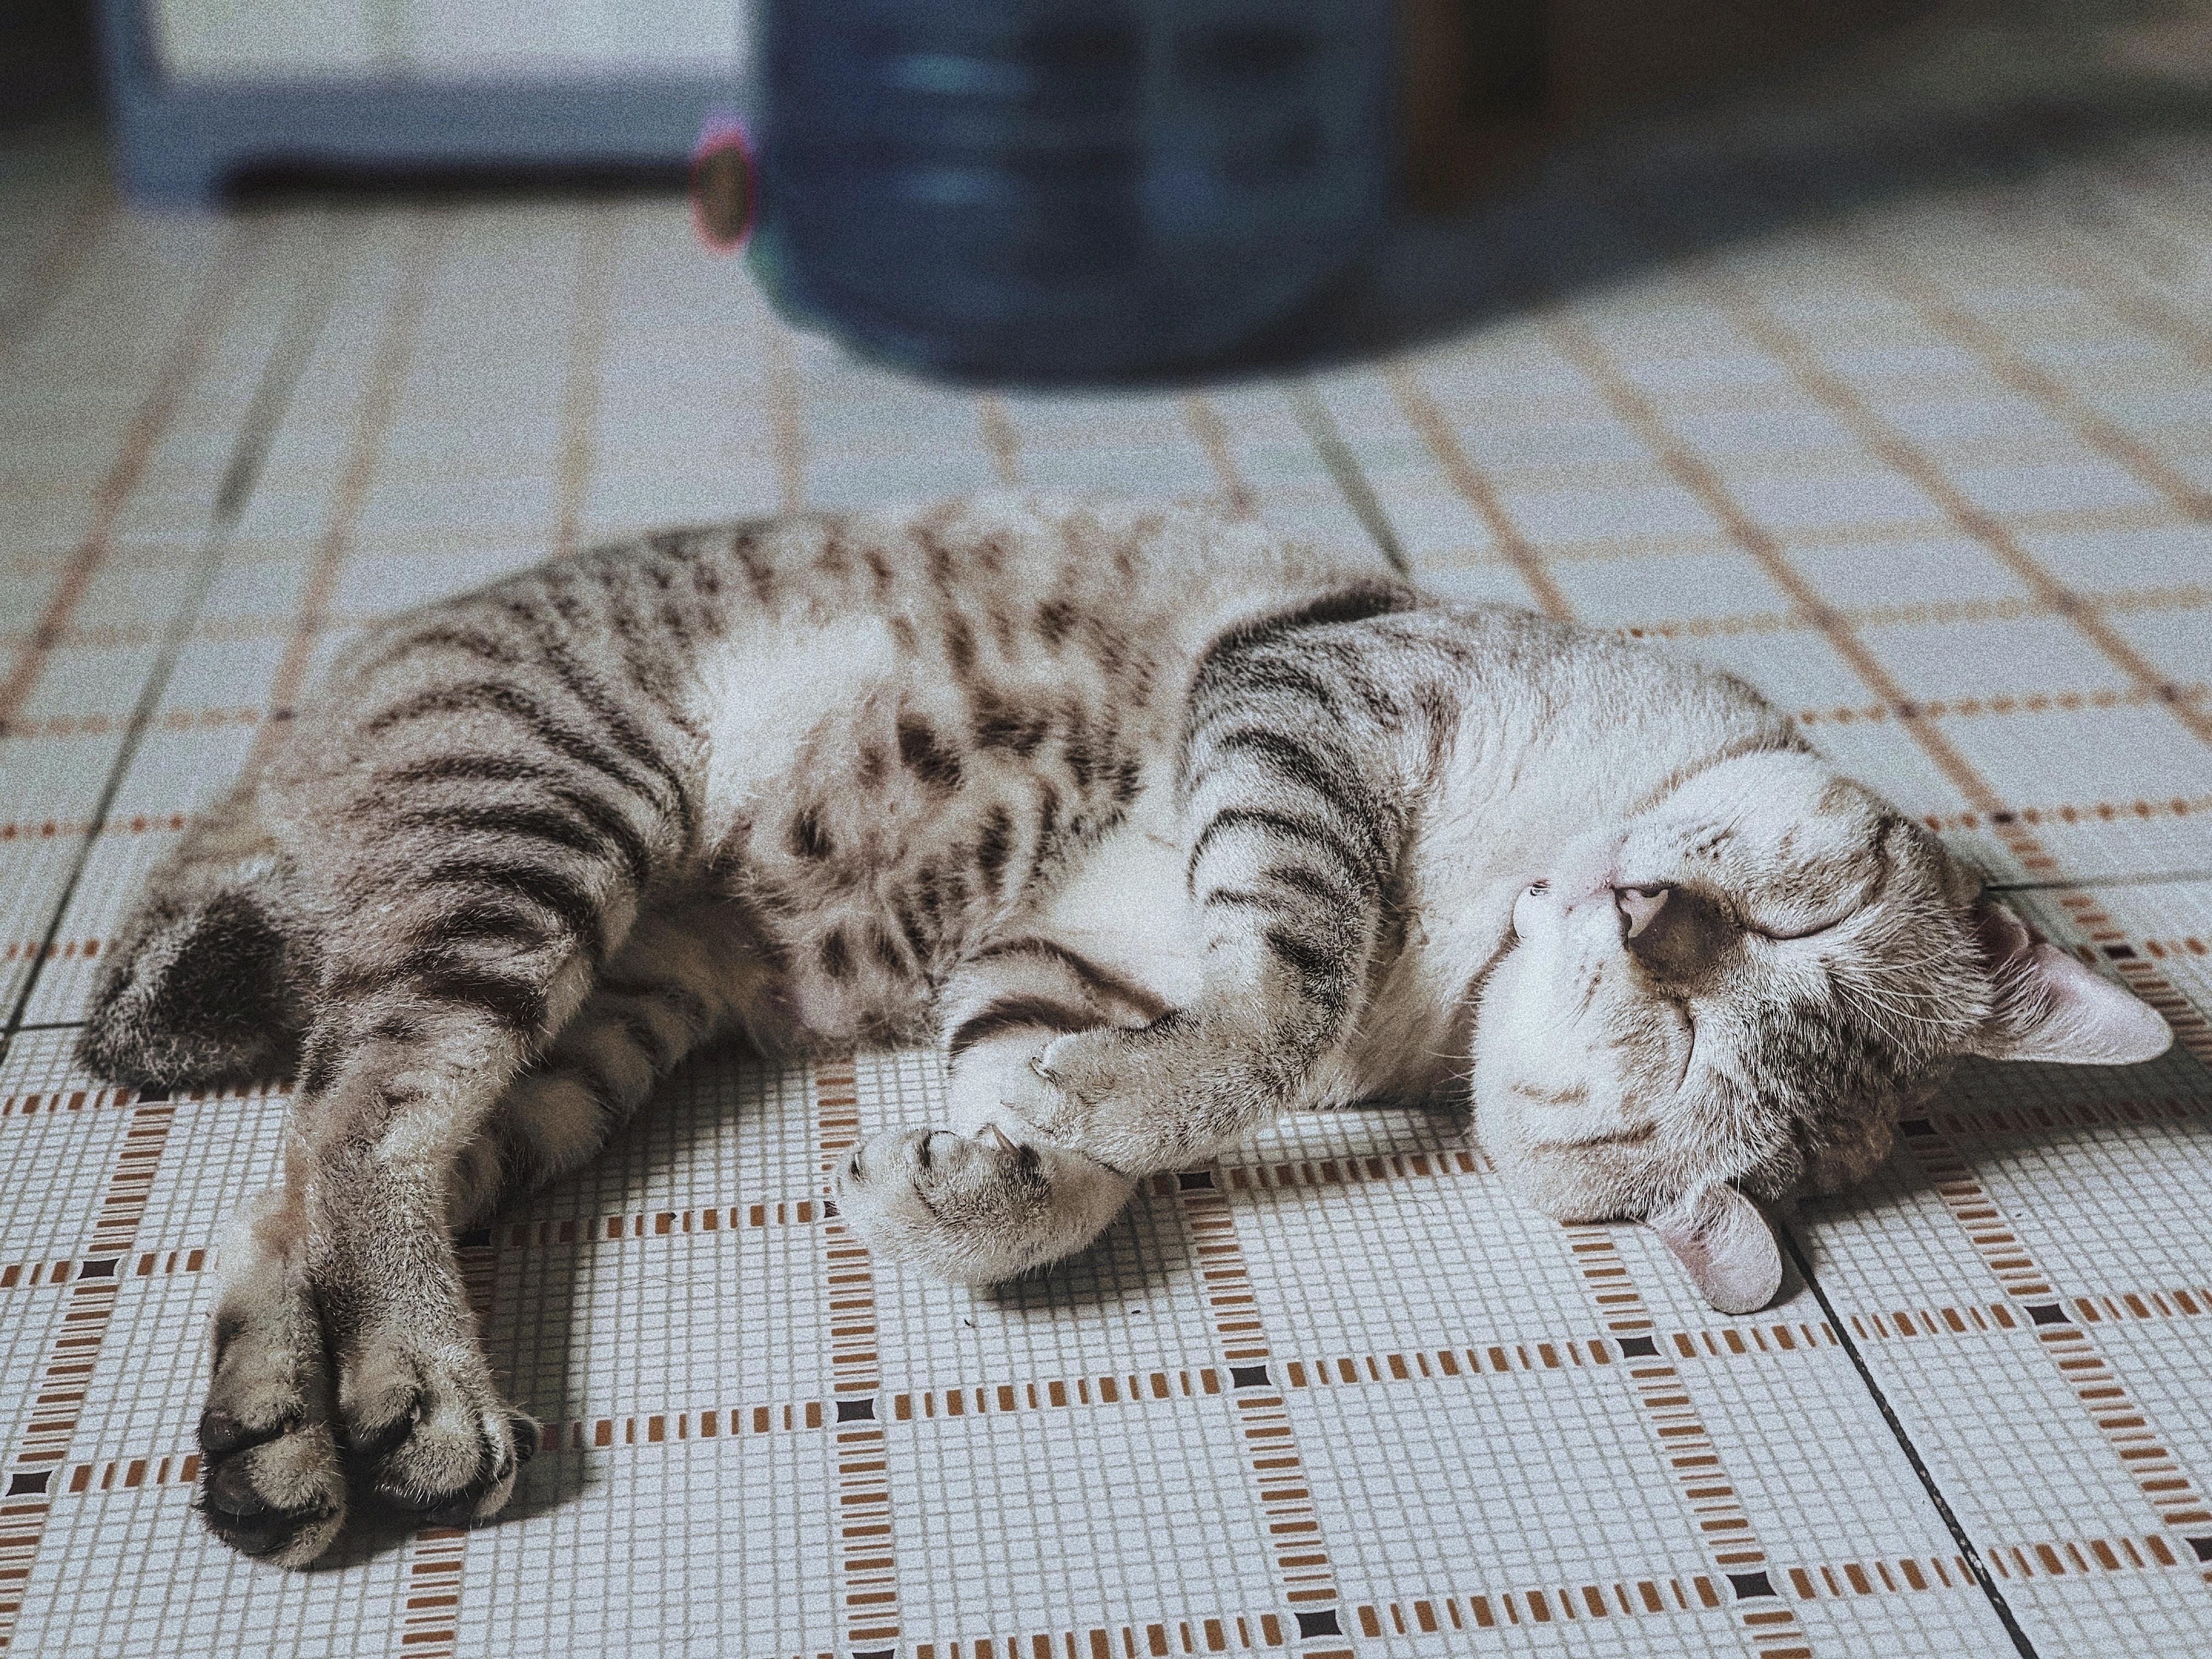 gray tabby kitten sleeping on white surface